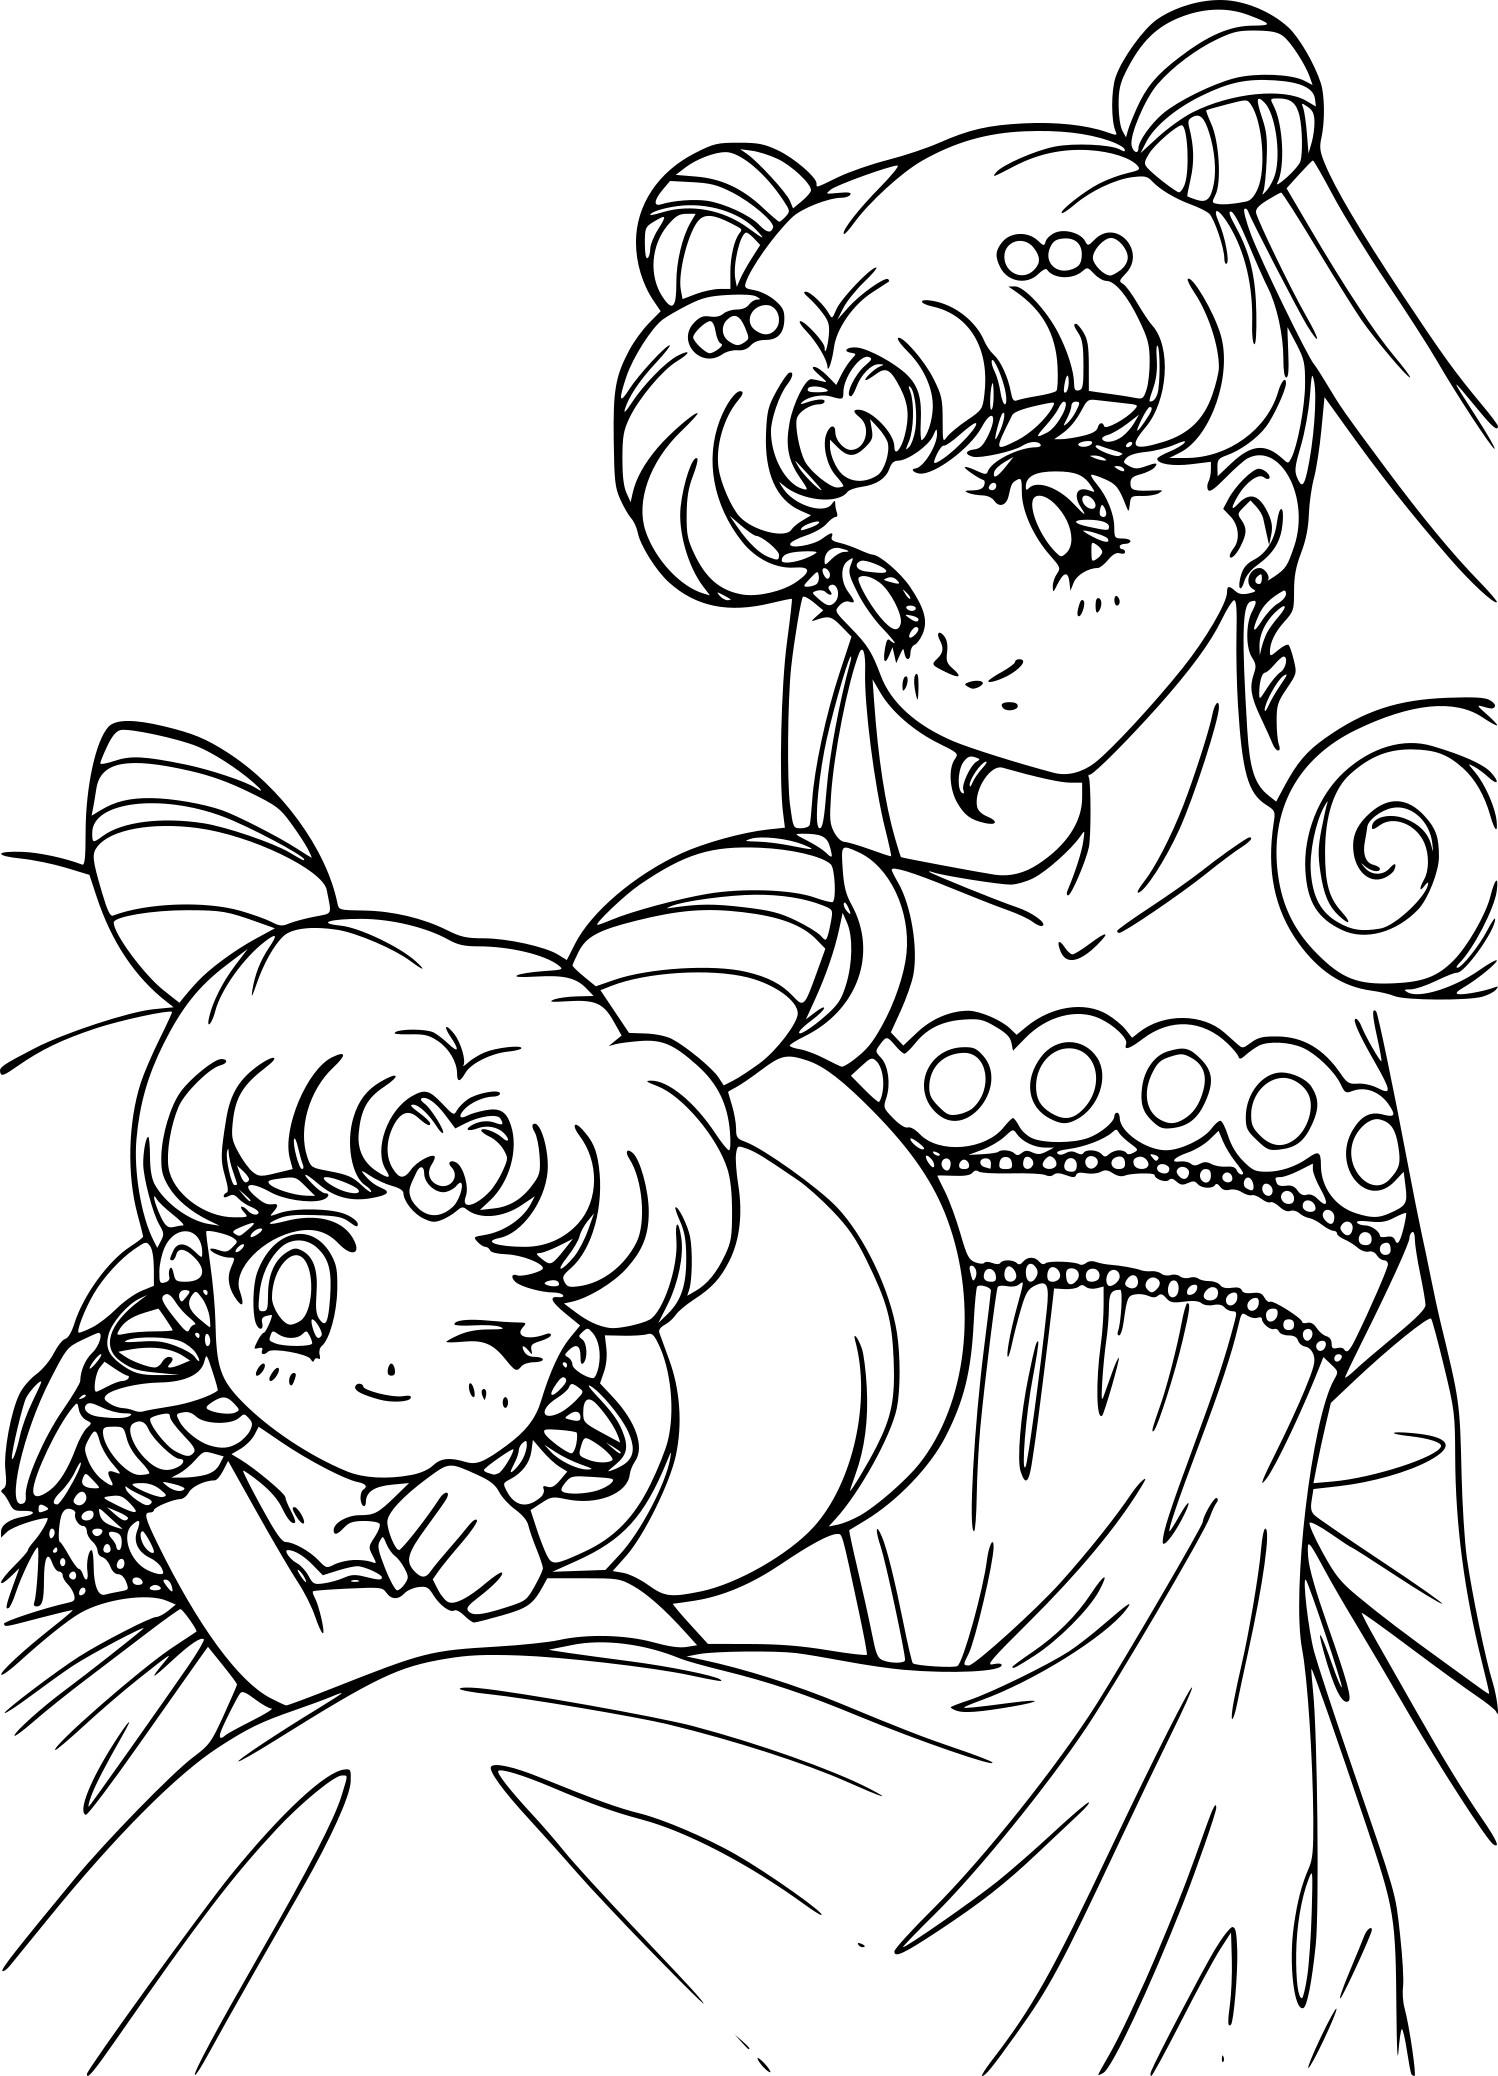 Coloriage Sailor Moon La Princesse De La Lune A Imprimer Gratuit